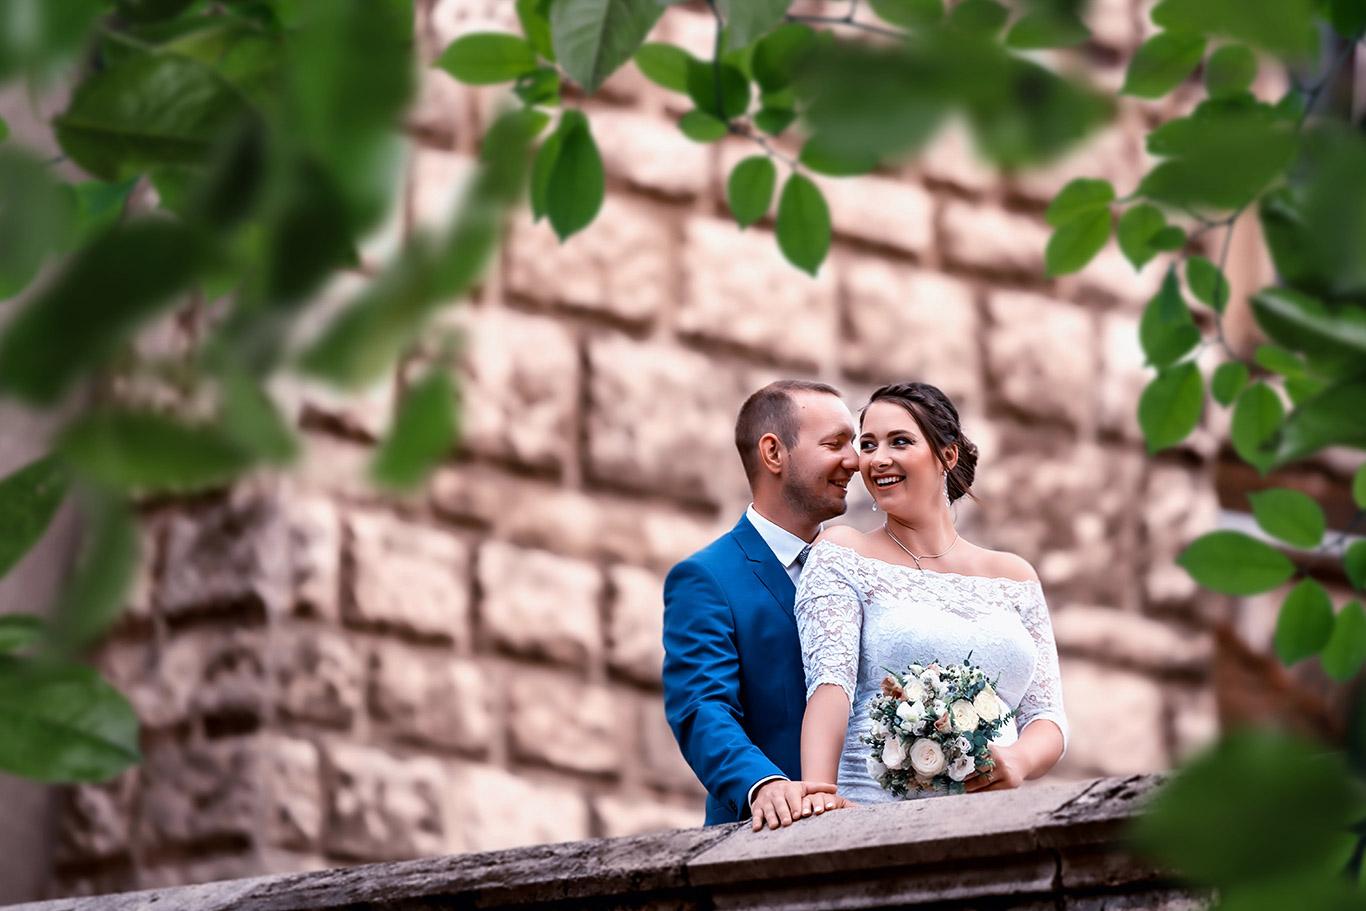 Menyasszony és vőlegény esküvői fotózása a Városligetben